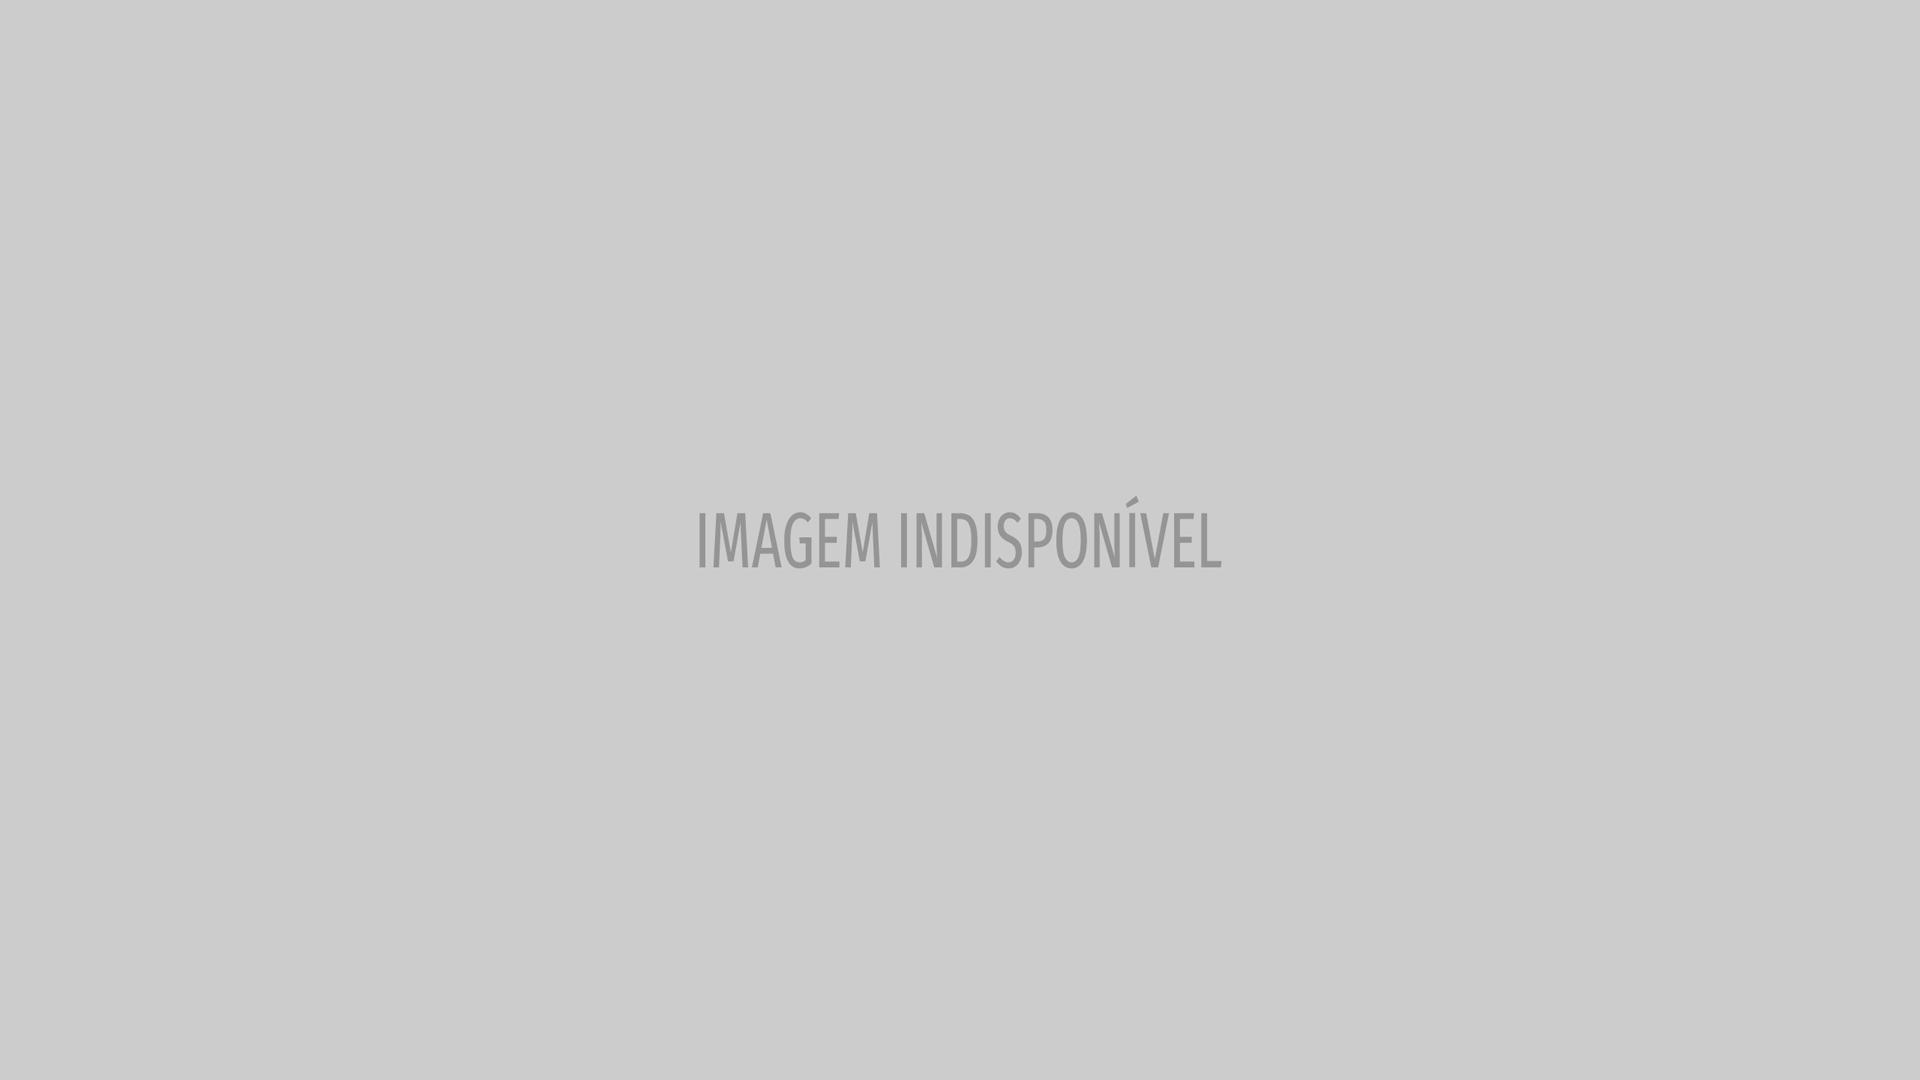 30 curiosidades sobre 'Os Simpsons' que você provavelmente não sabia